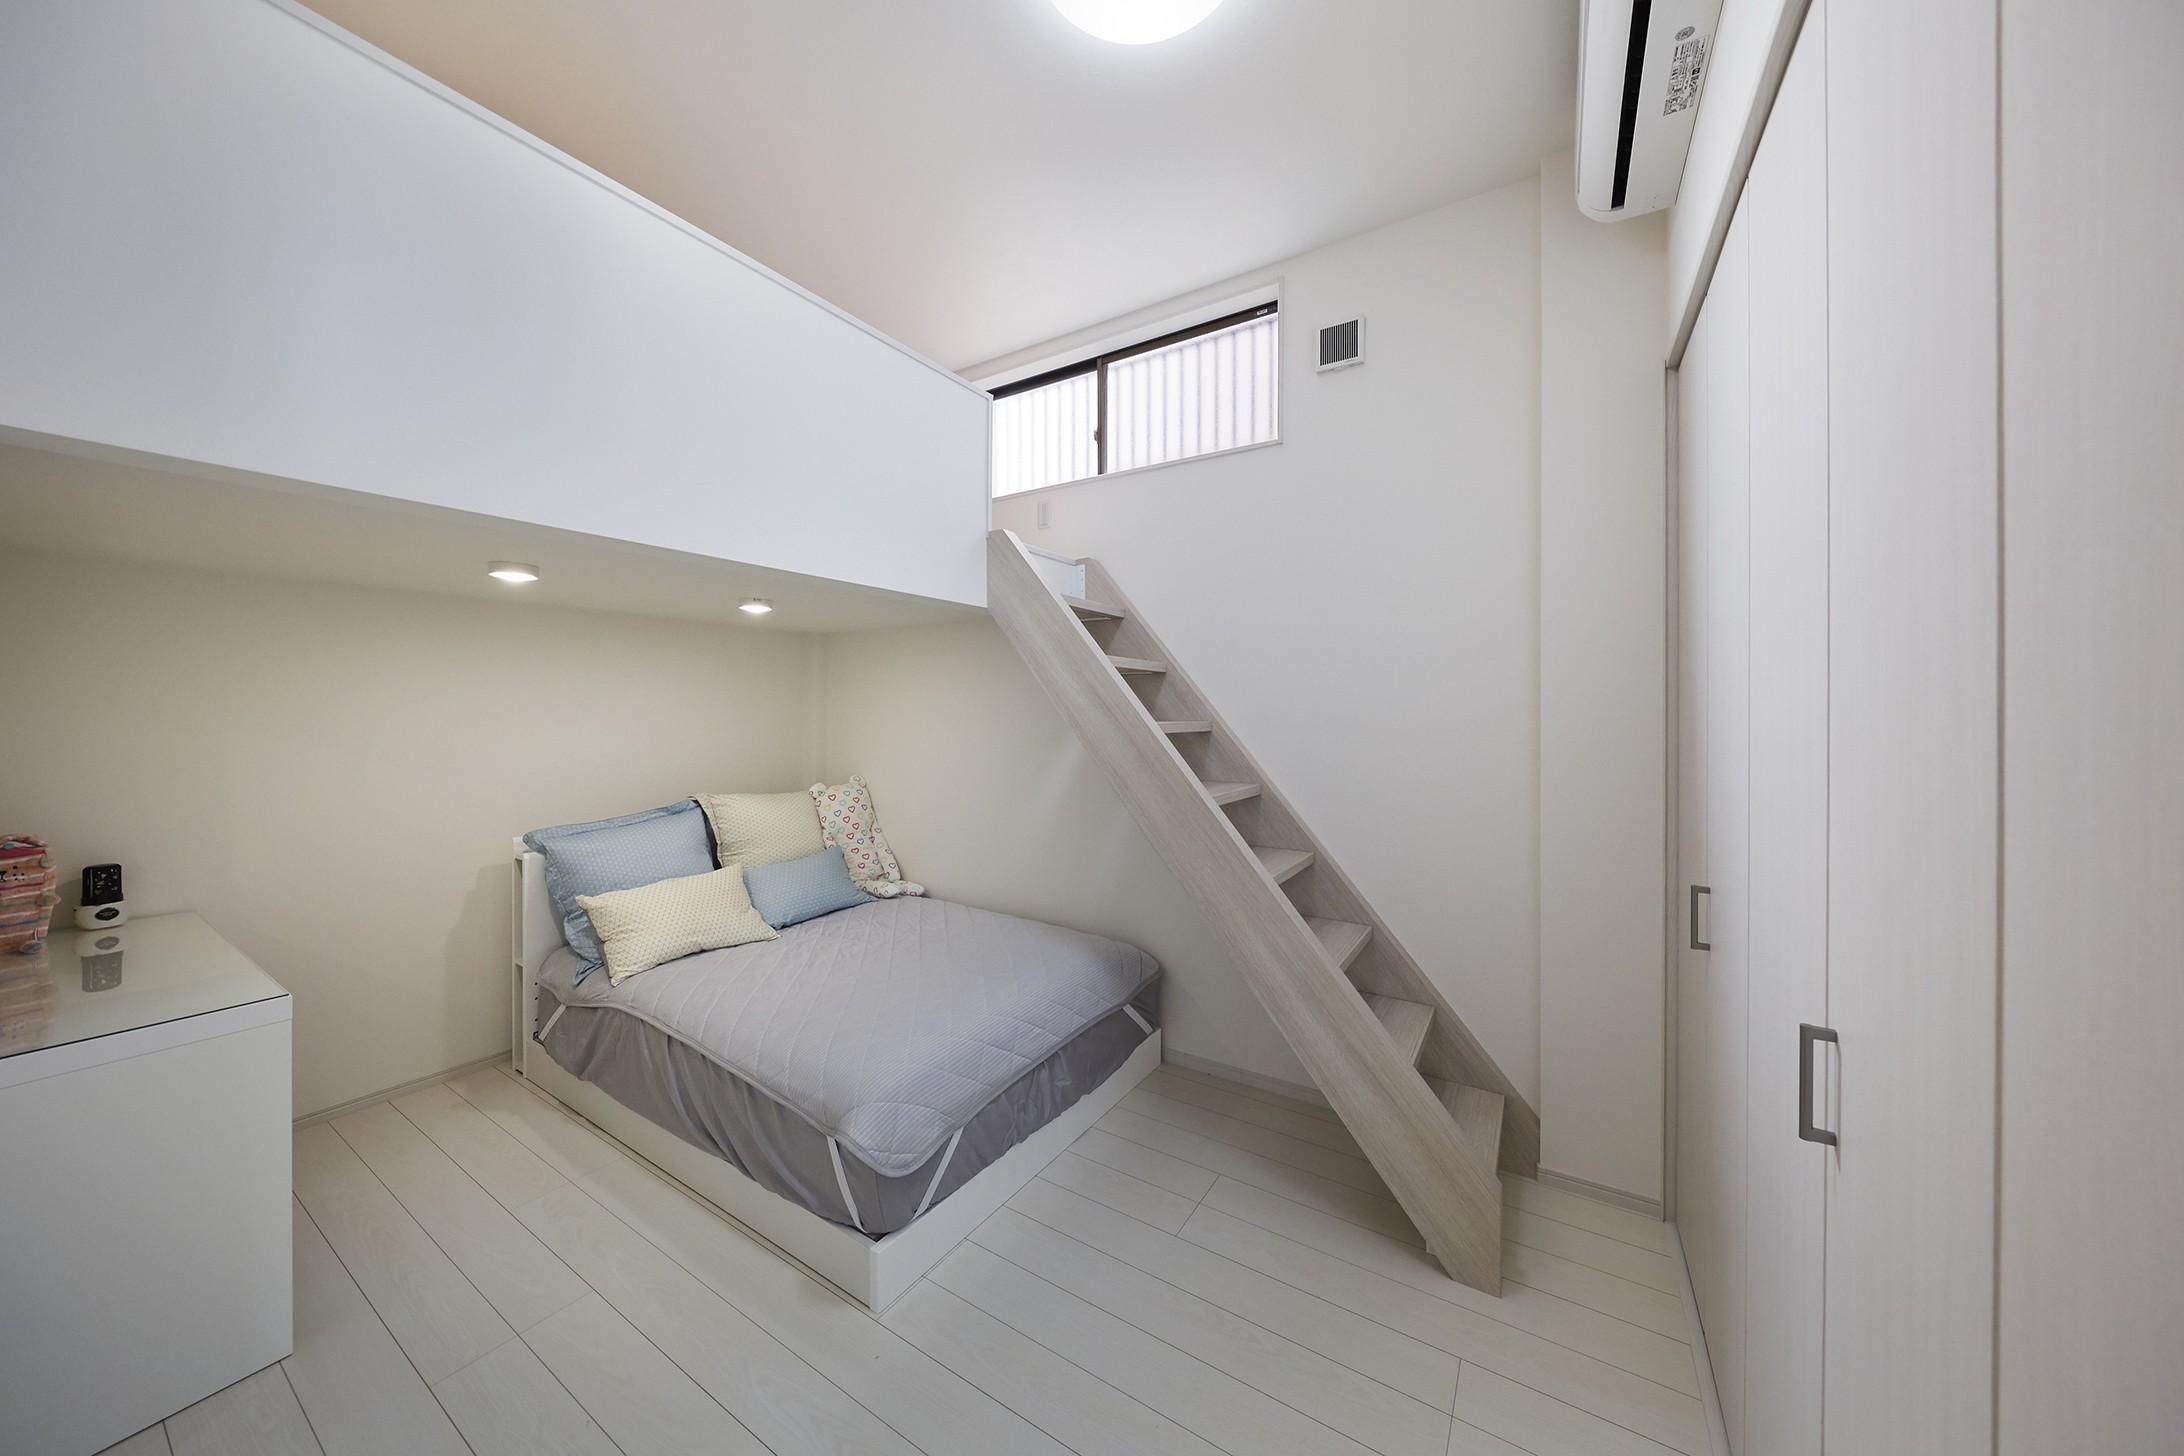 ベッドルーム事例:高さを生かしロフトを造作(事務所から居住スペースに。高さを活かしたスケルトンリフォーム)